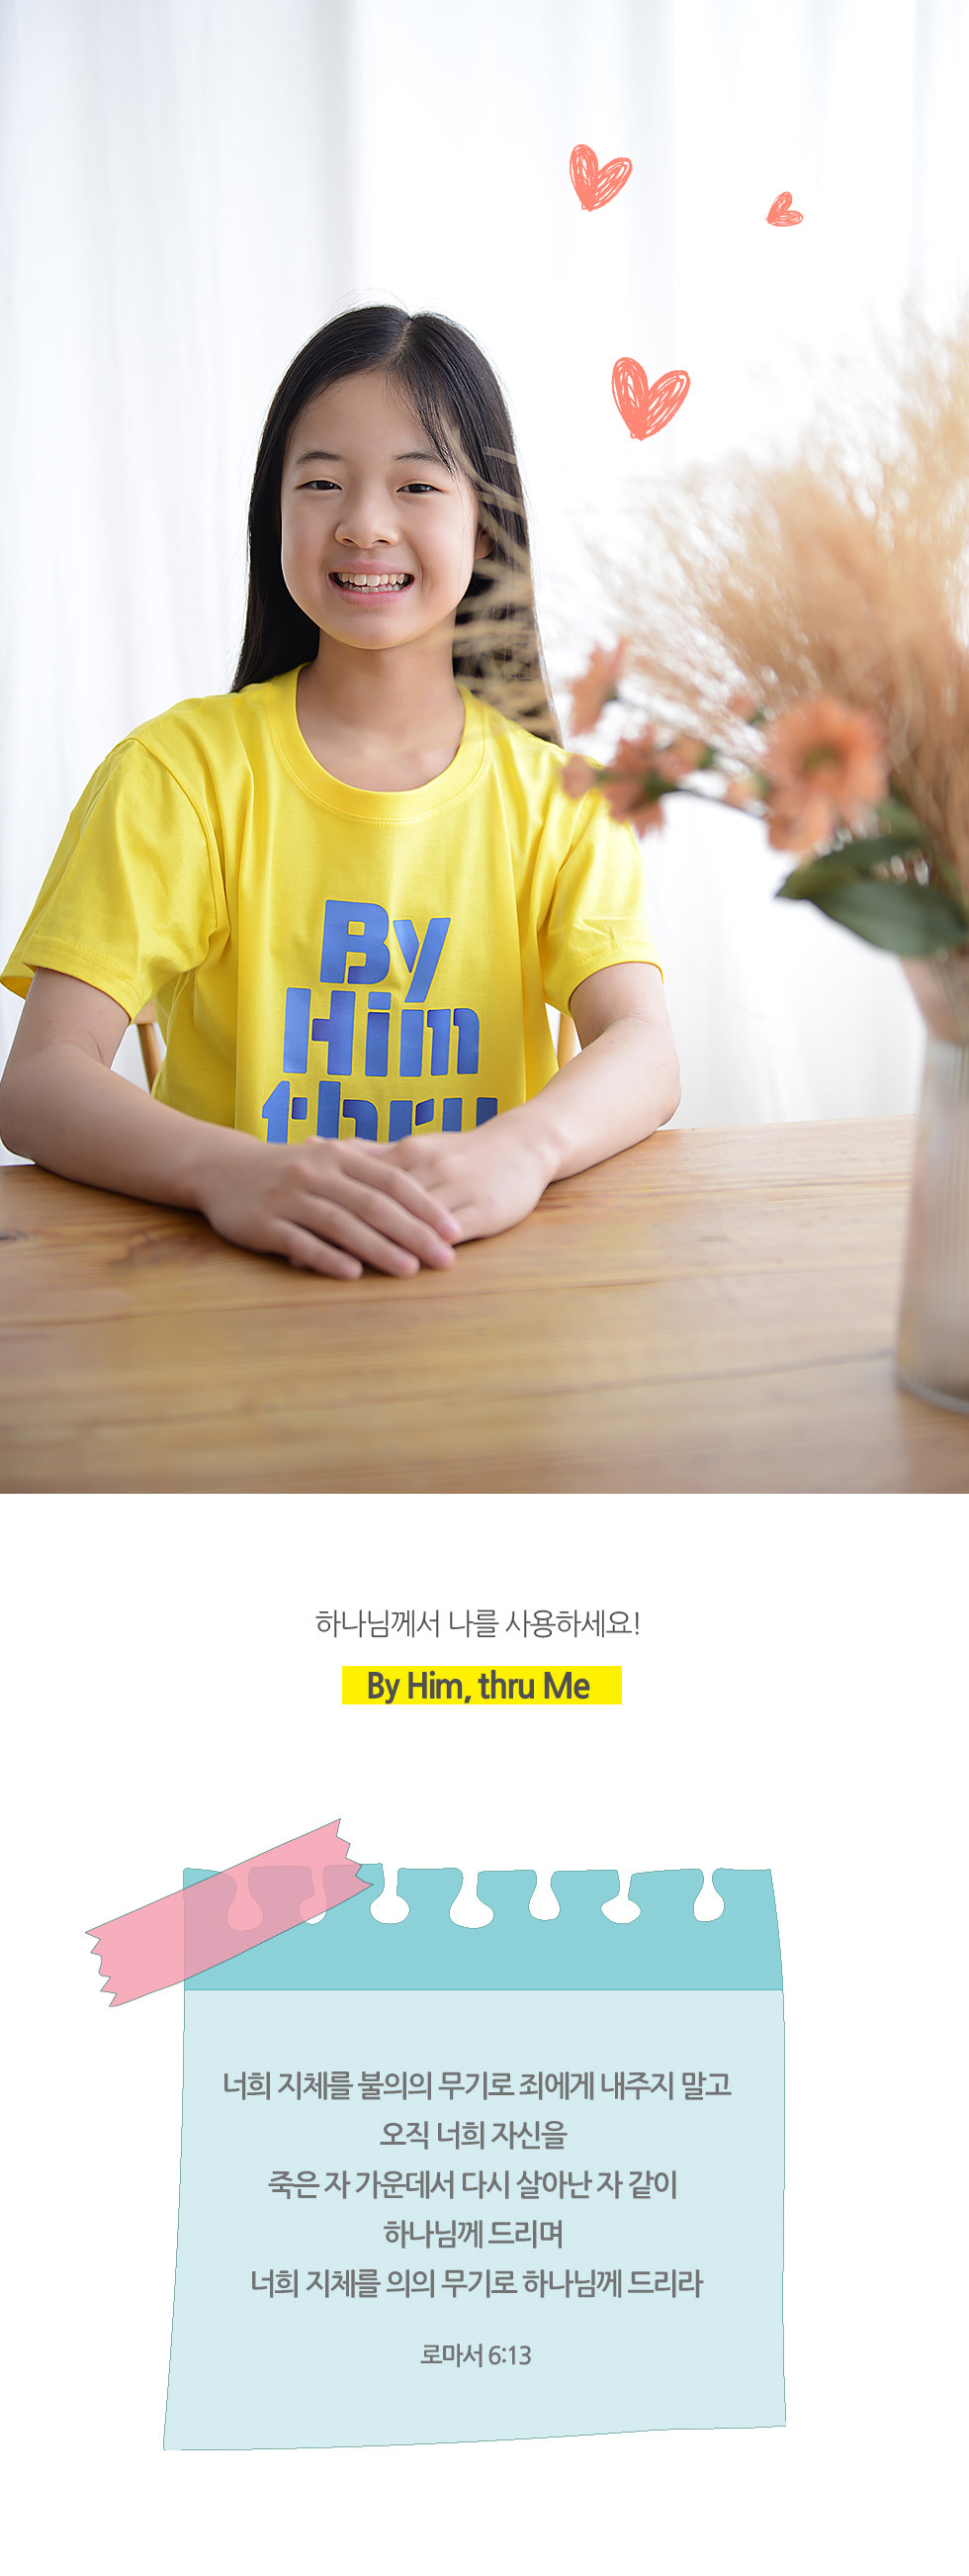 교회 단체티셔츠 바이힘(By Him Thru Me) - 아동티셔츠(파이디온 여름성경학교 주제티셔츠)